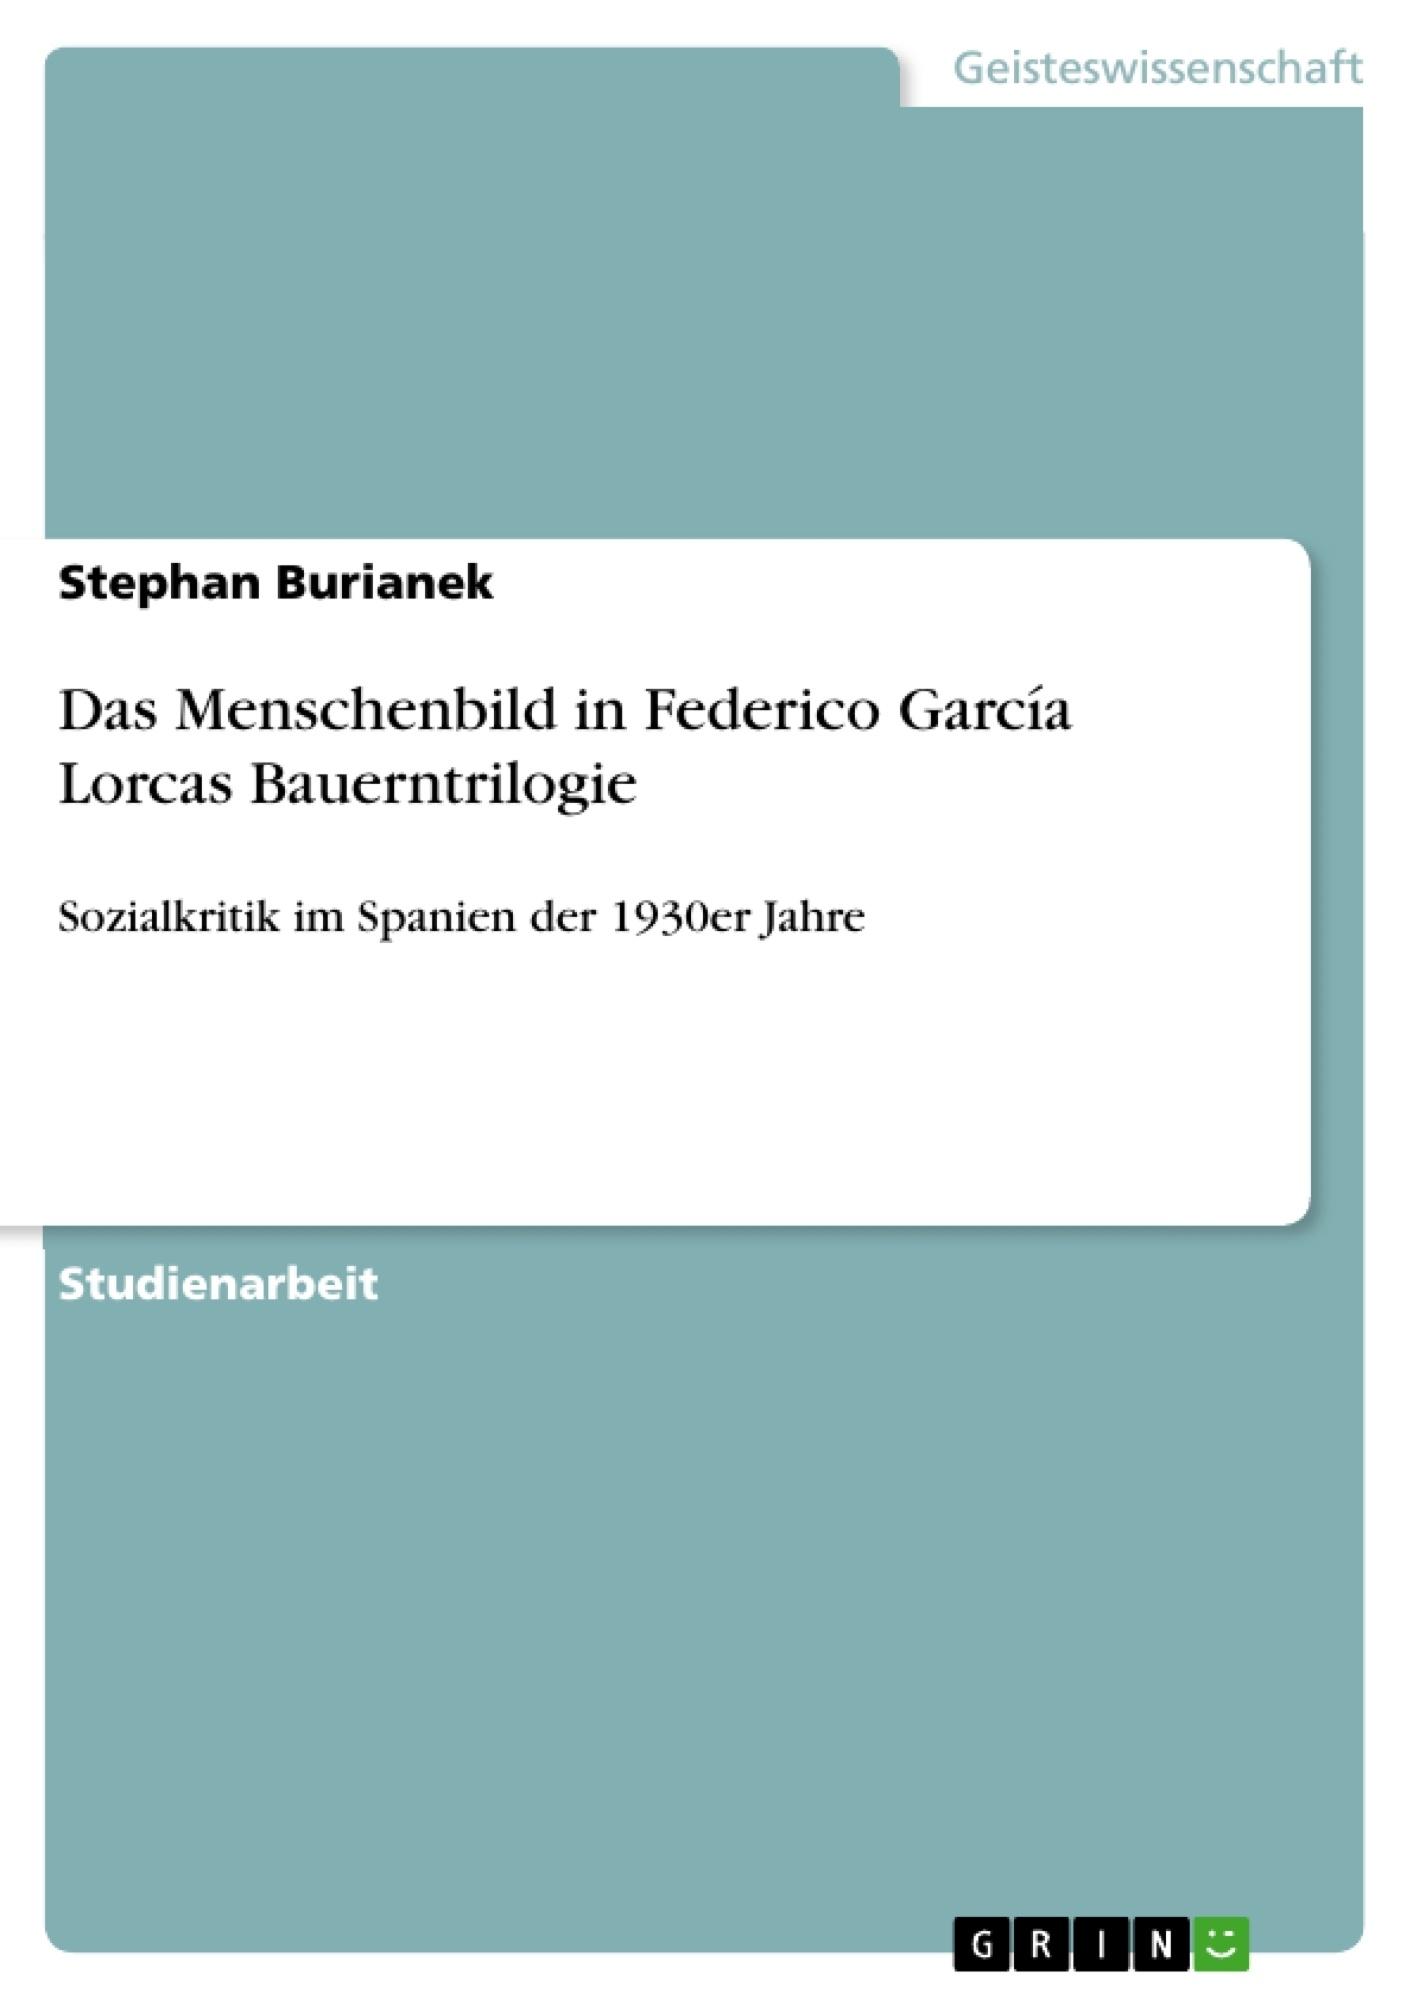 Titel: Das Menschenbild in Federico García Lorcas Bauerntrilogie